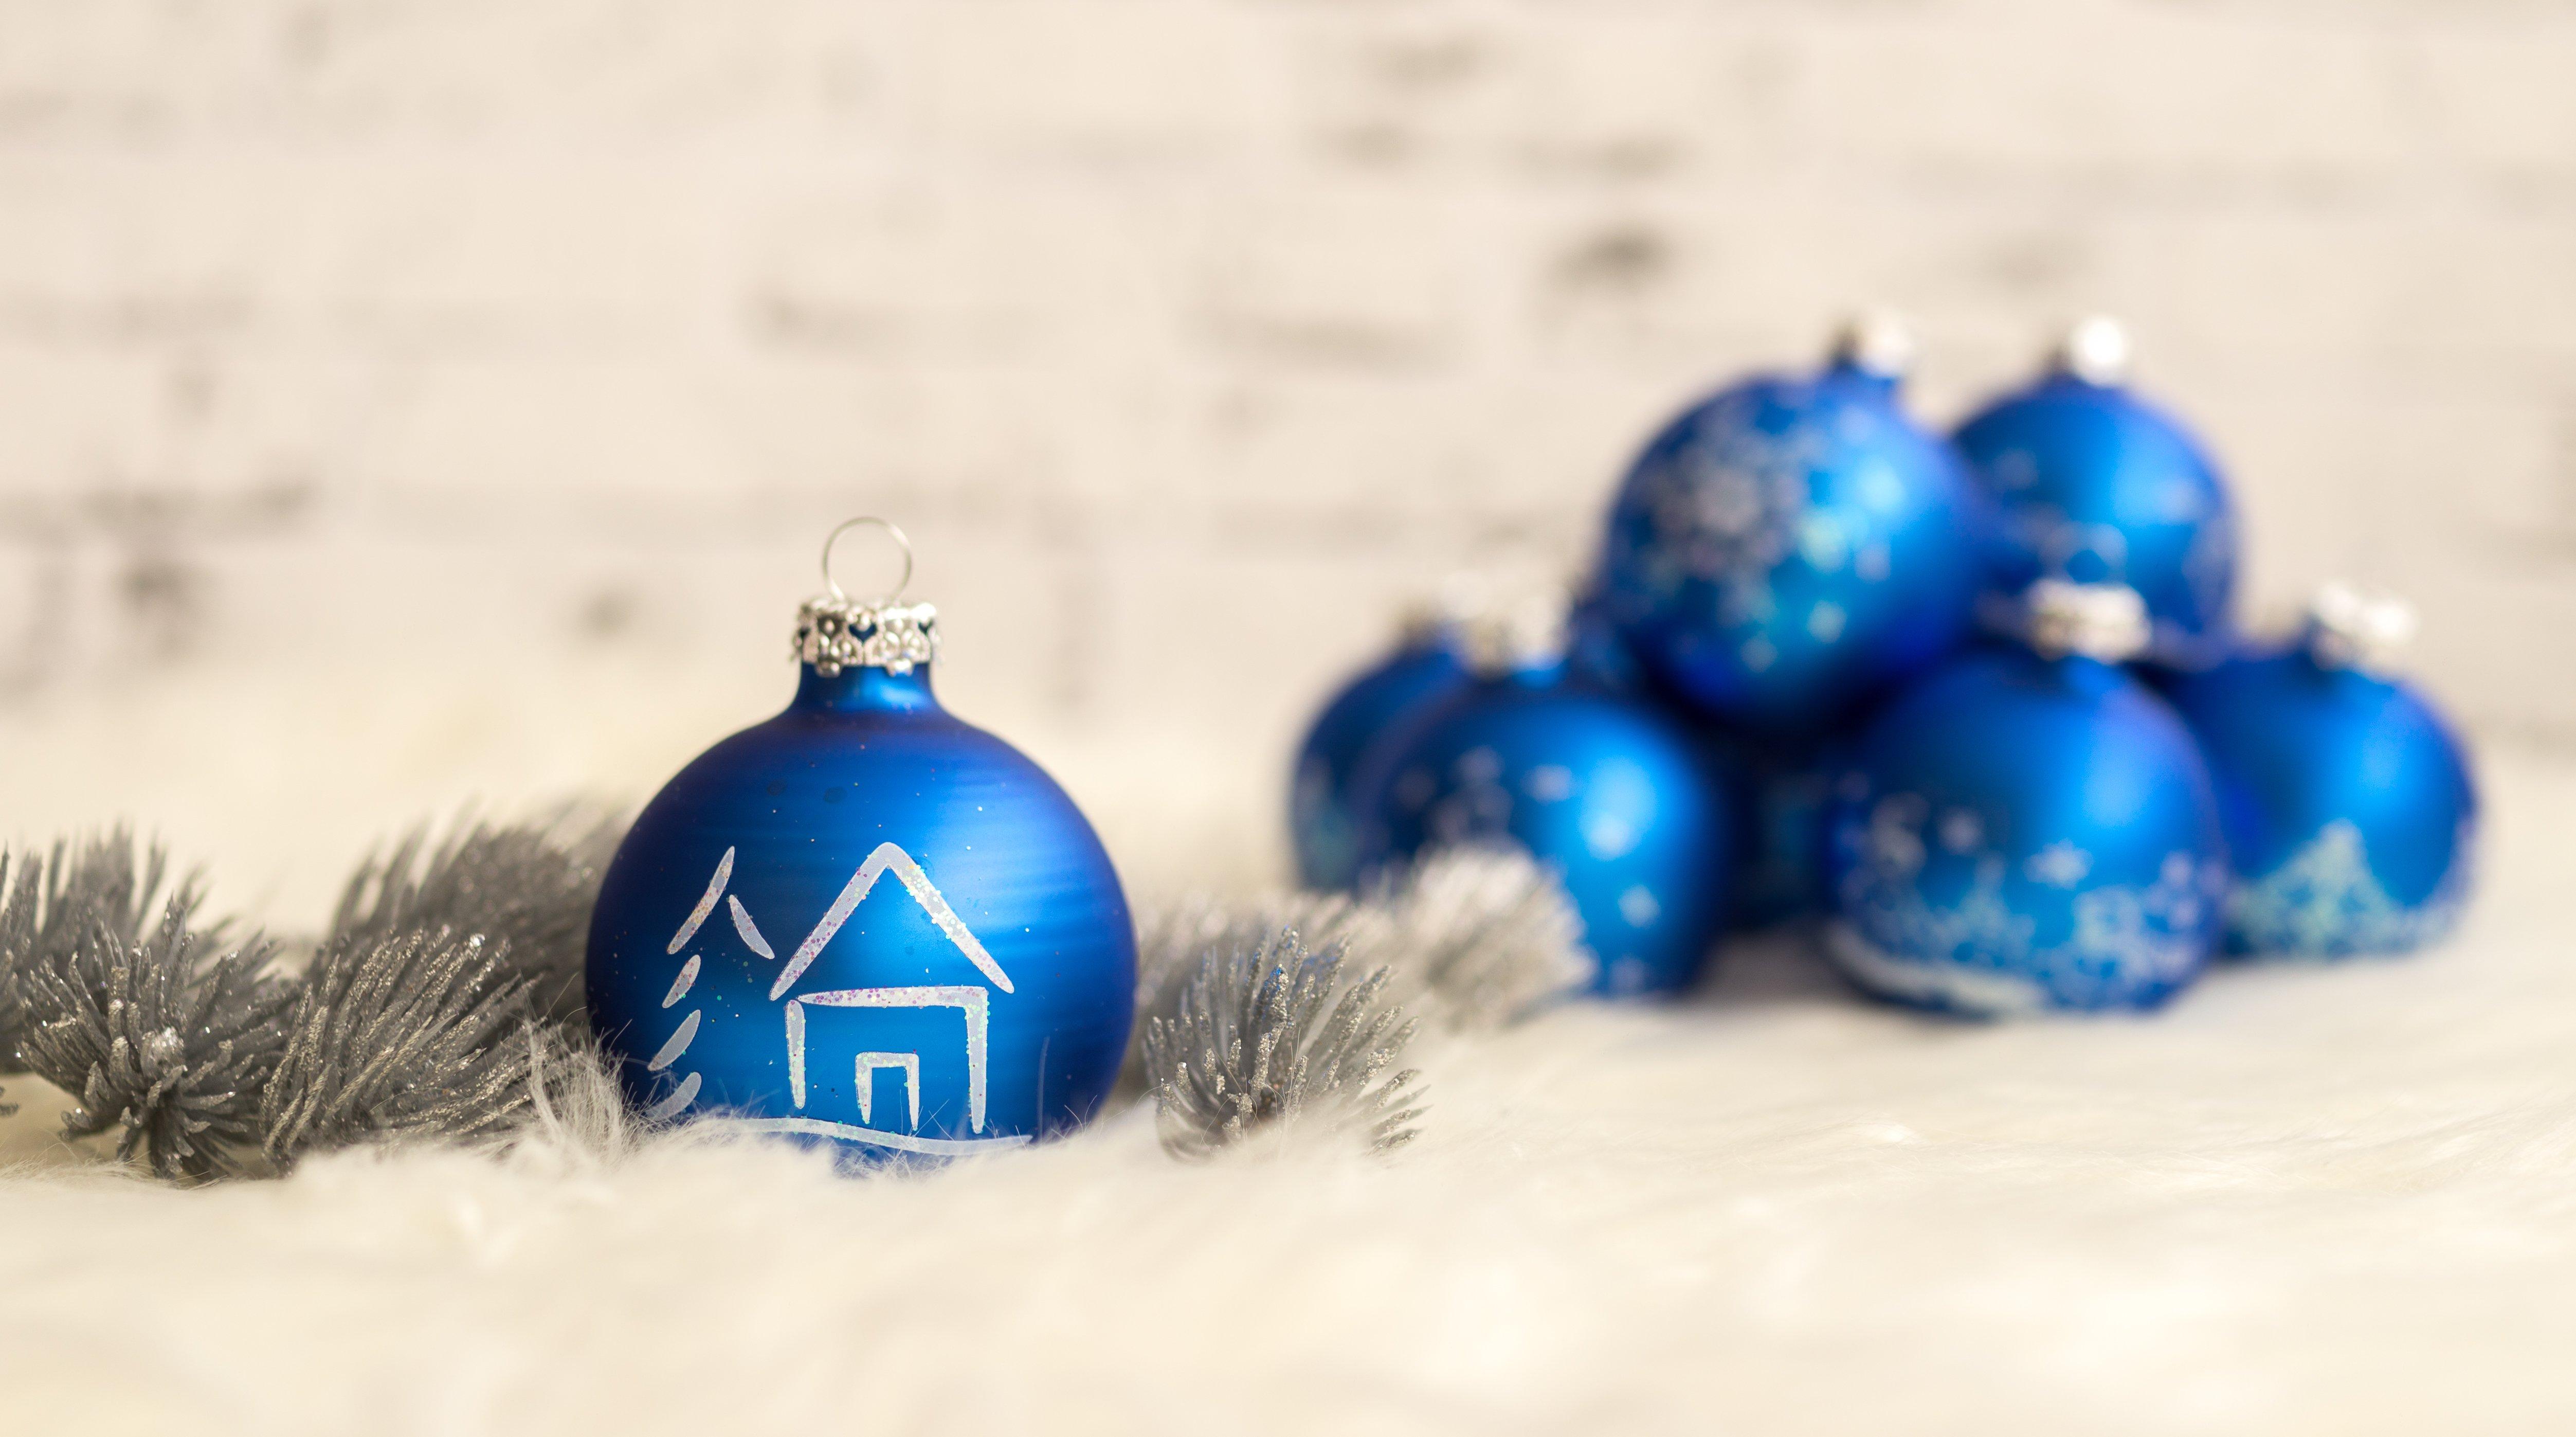 Weihnachtskugel bilder christbaumschmuck fotos kostenlos - Blaue christbaumkugeln ...